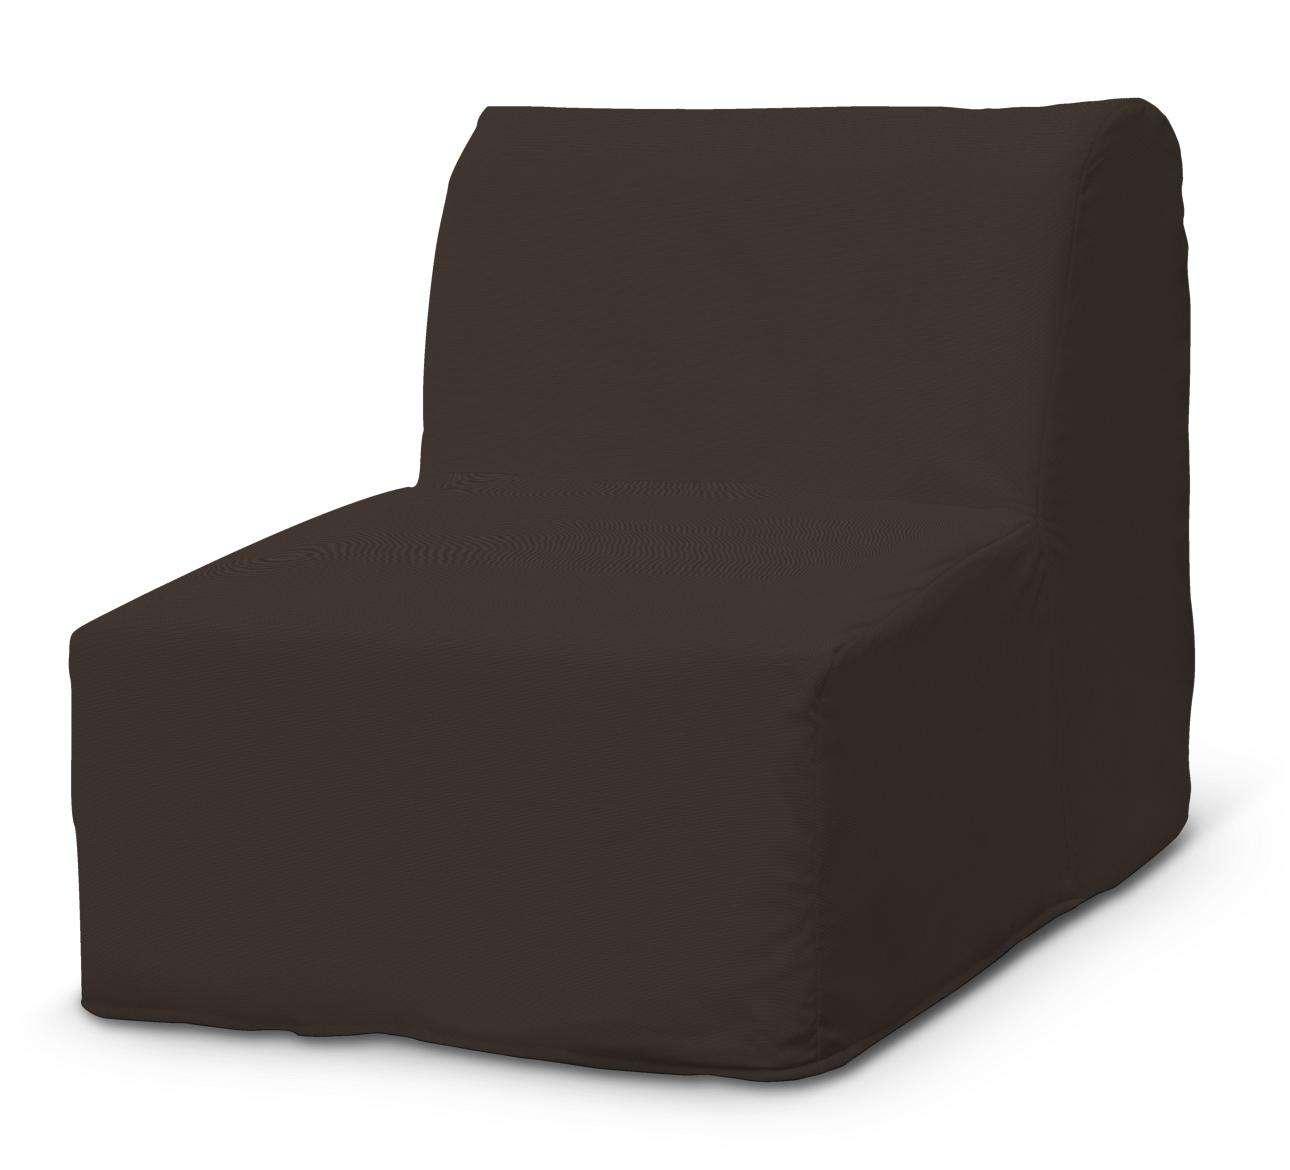 Pokrowiec na fotel Lycksele prosty w kolekcji Cotton Panama, tkanina: 702-03